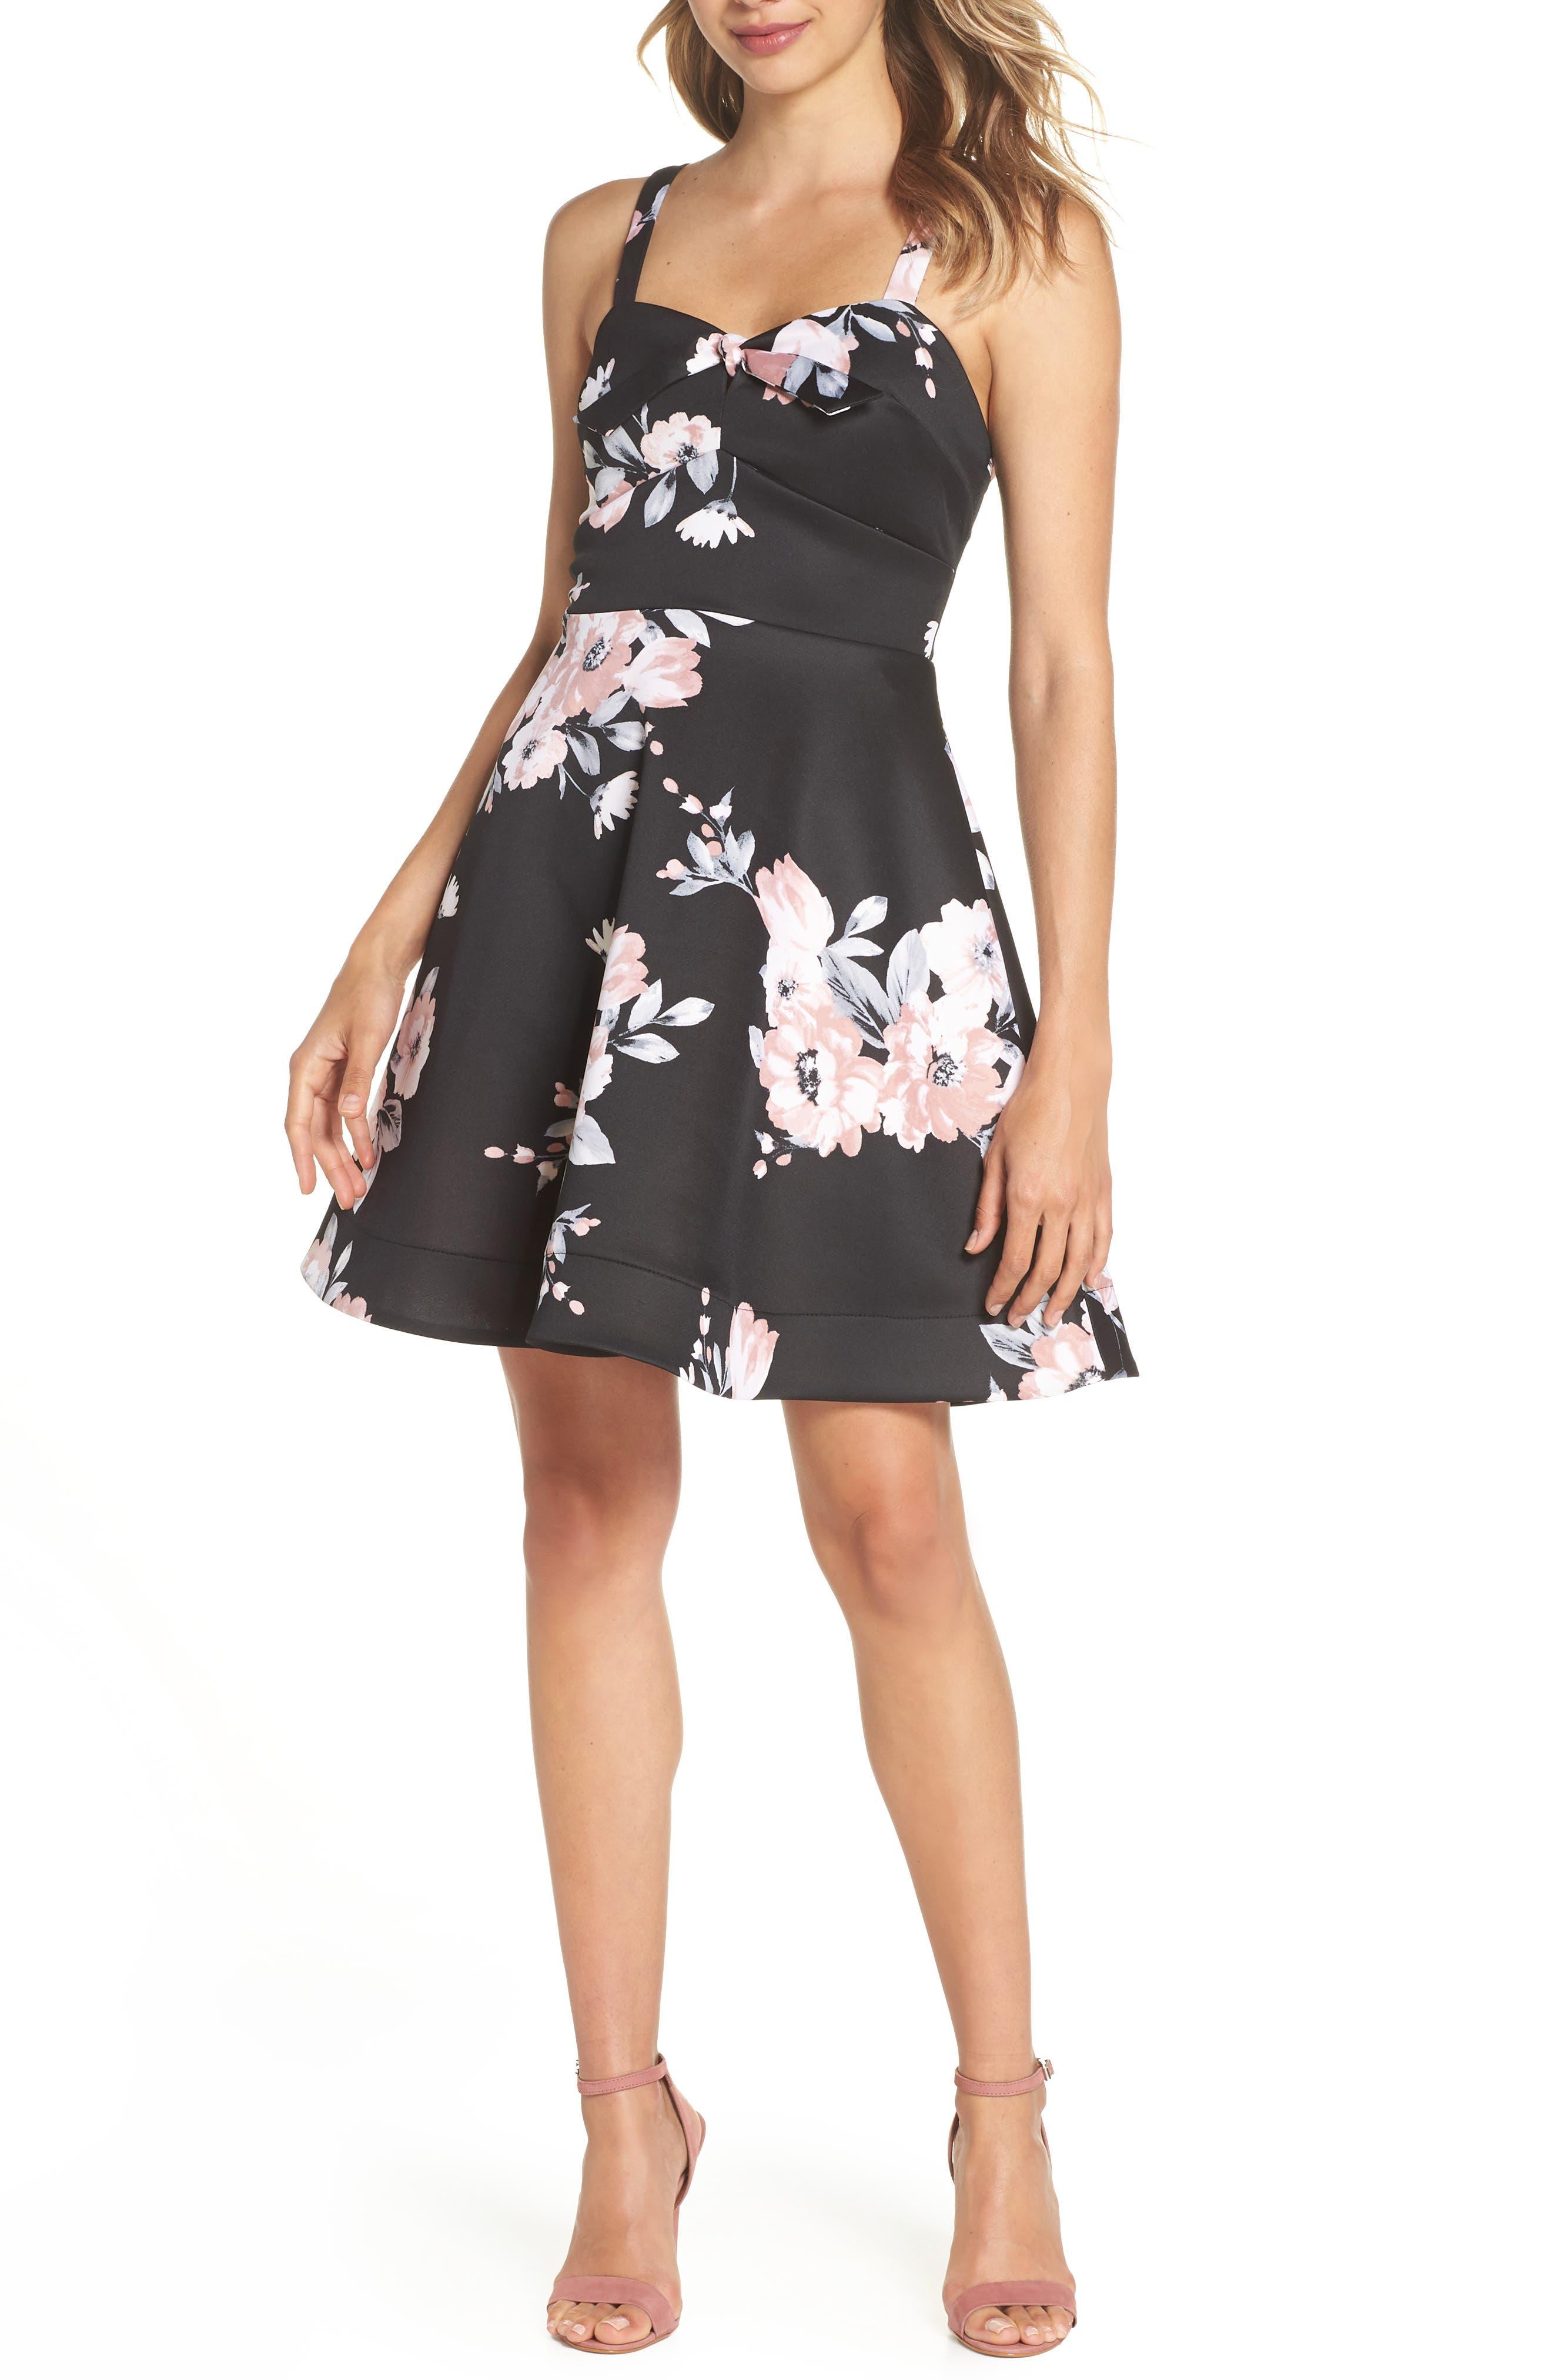 Floral Print Fit & Flare Dress,                         Main,                         color, Black/ Mauve